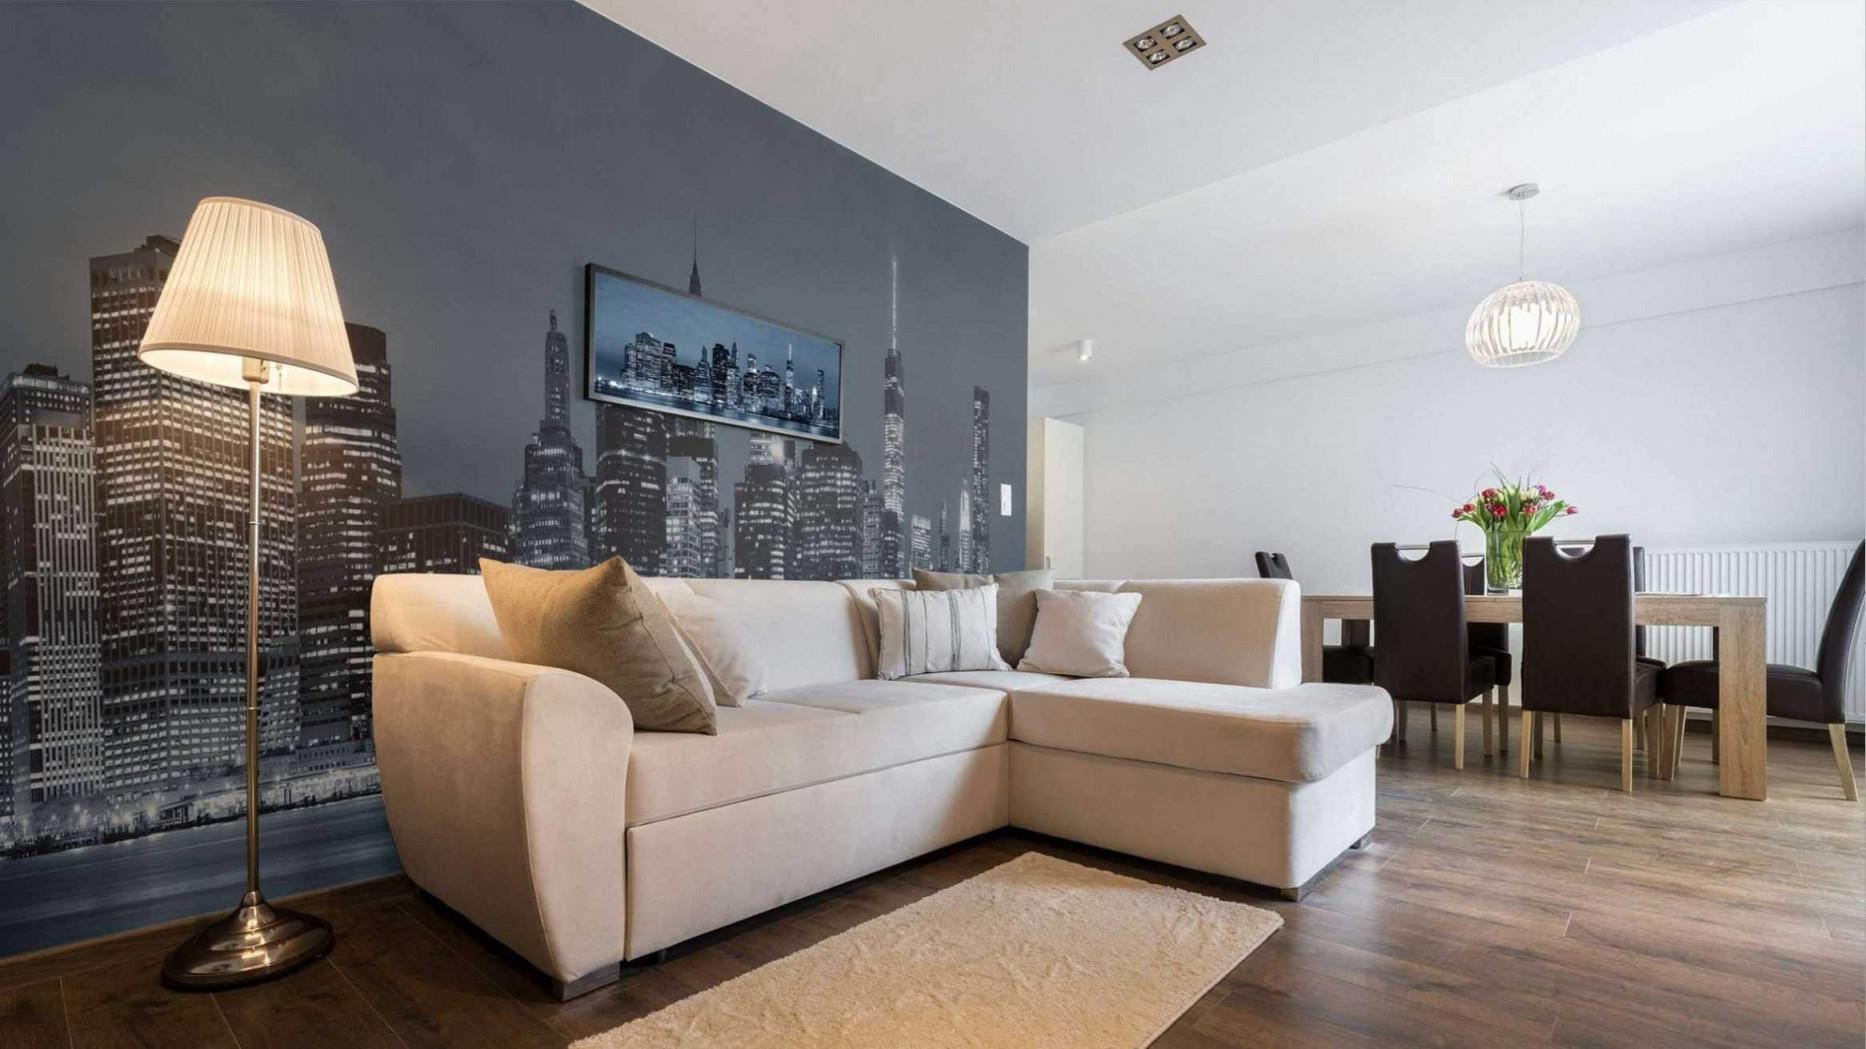 34 Einzigartig Wandfarben Ideen Wohnzimmer Schön von Ideen Wandfarbe Wohnzimmer Photo